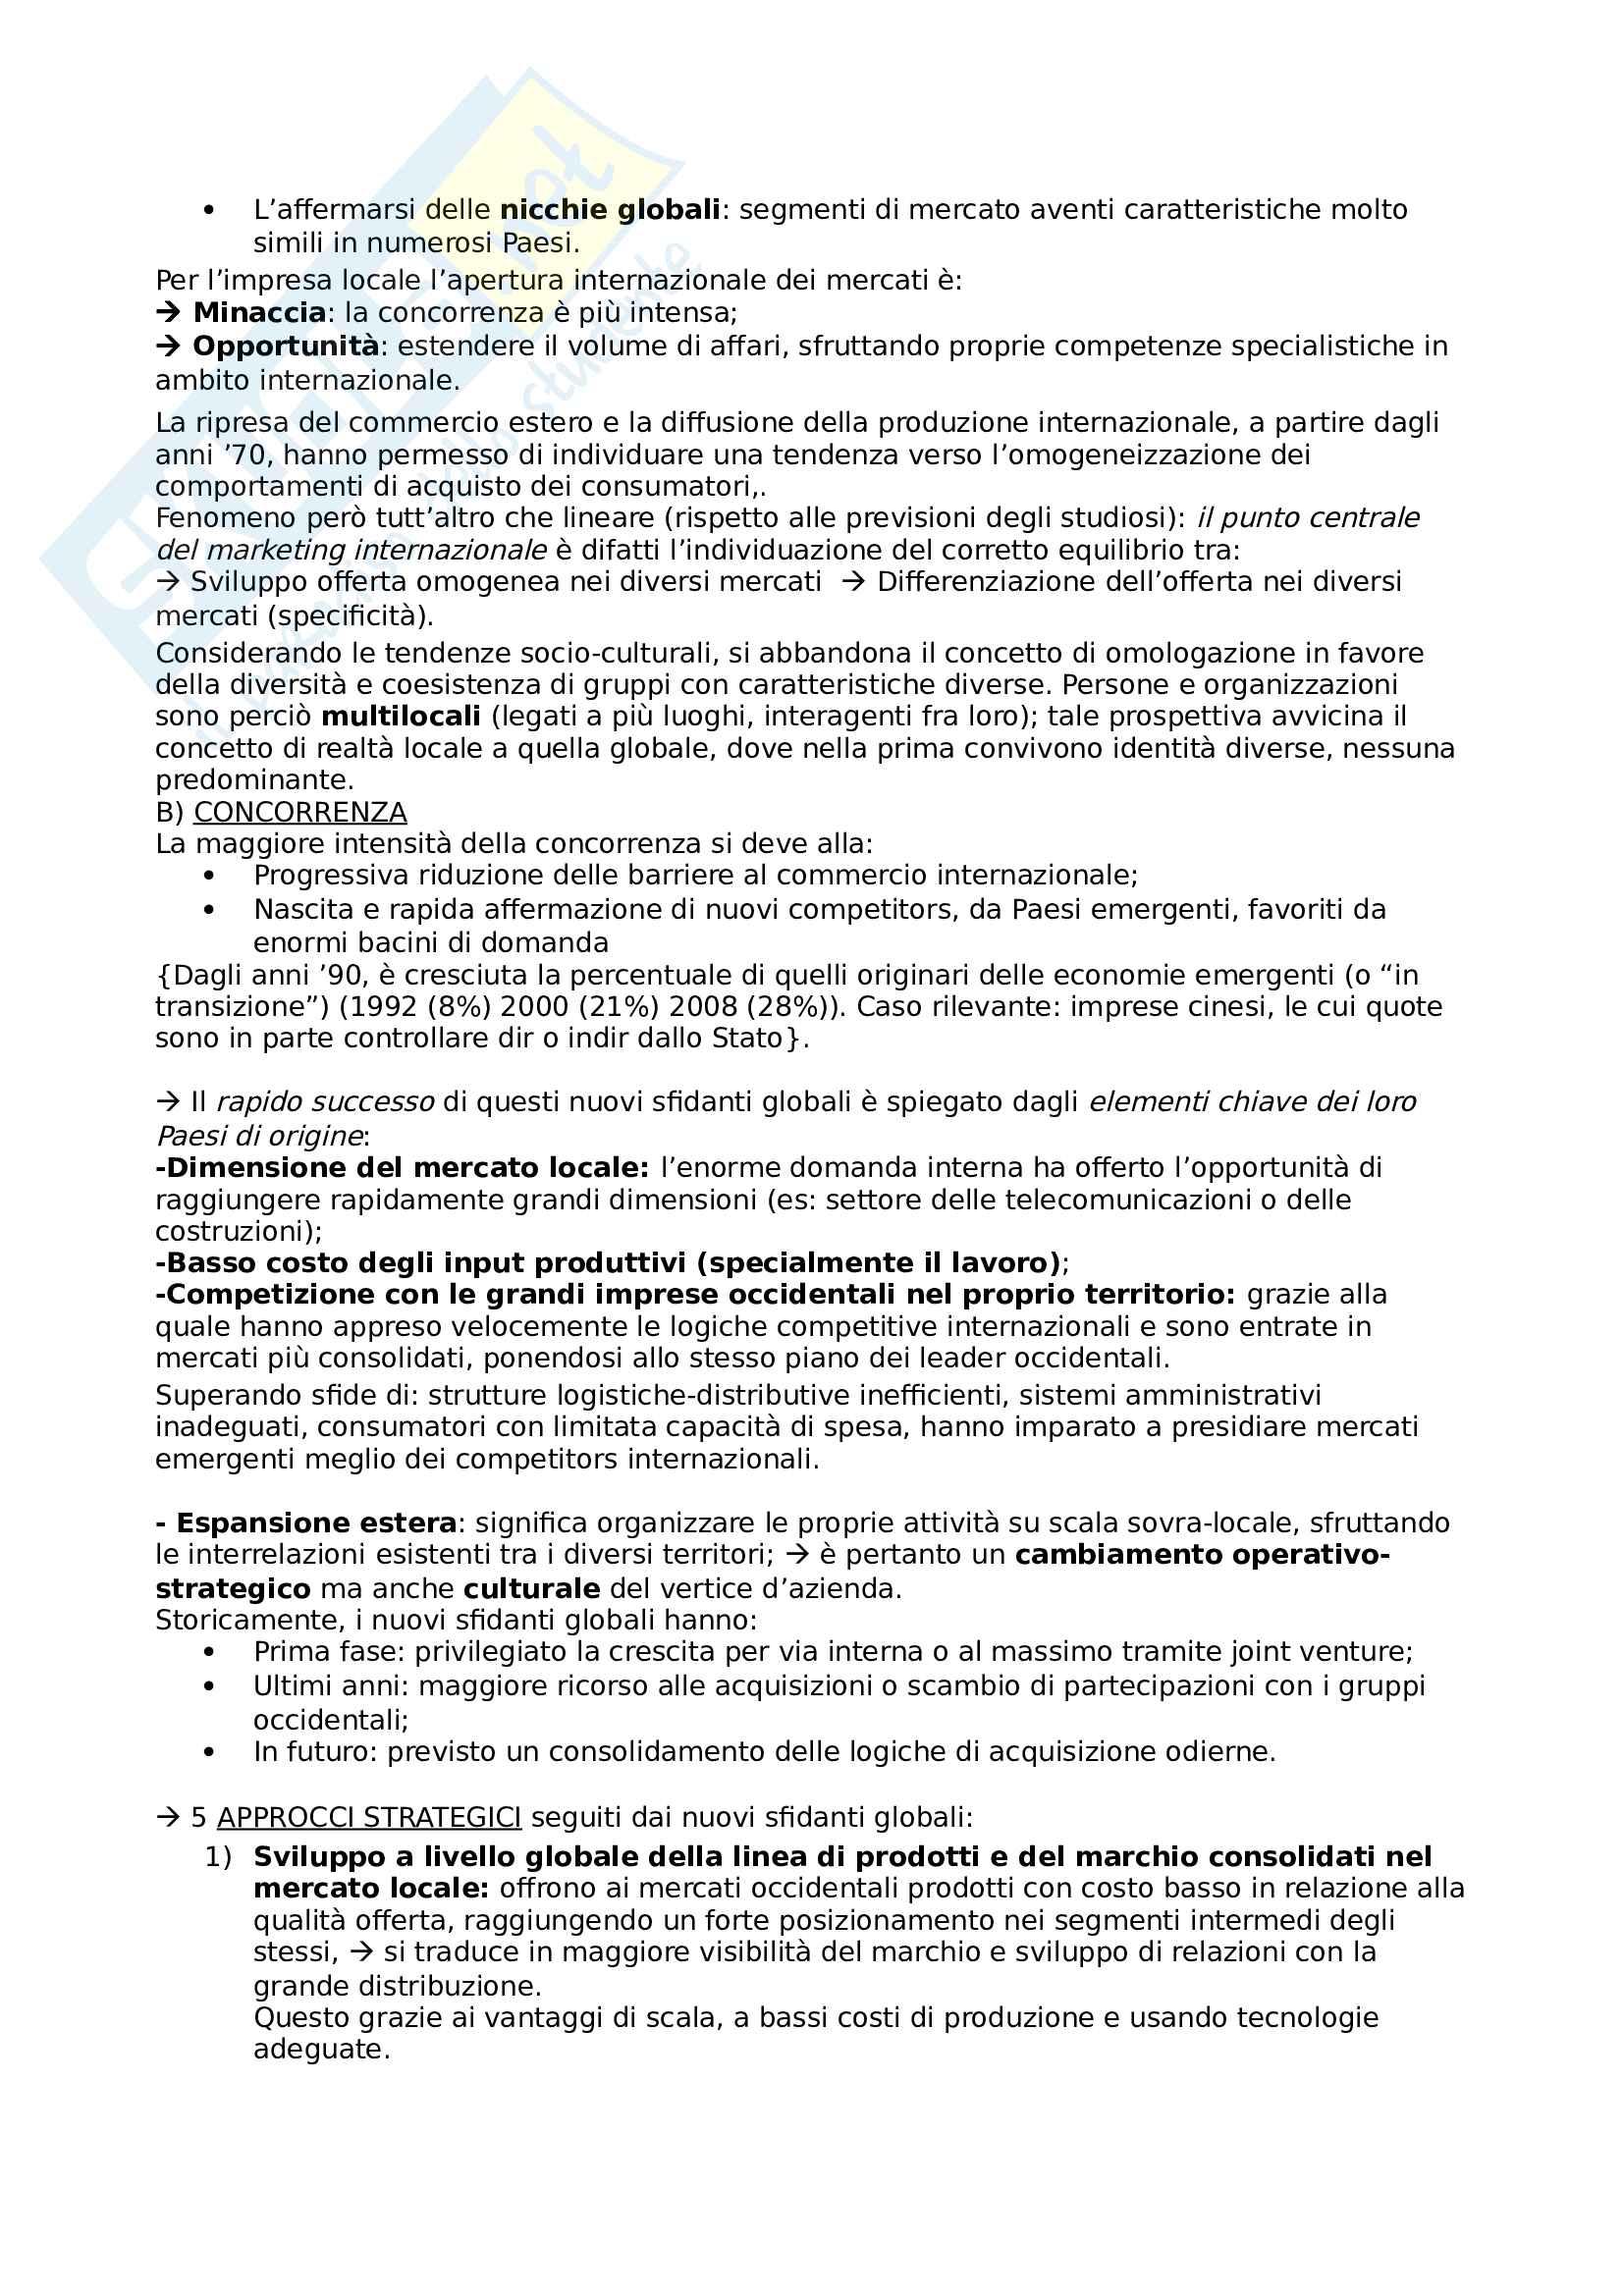 Gestione delle imprese internazionali Pag. 2